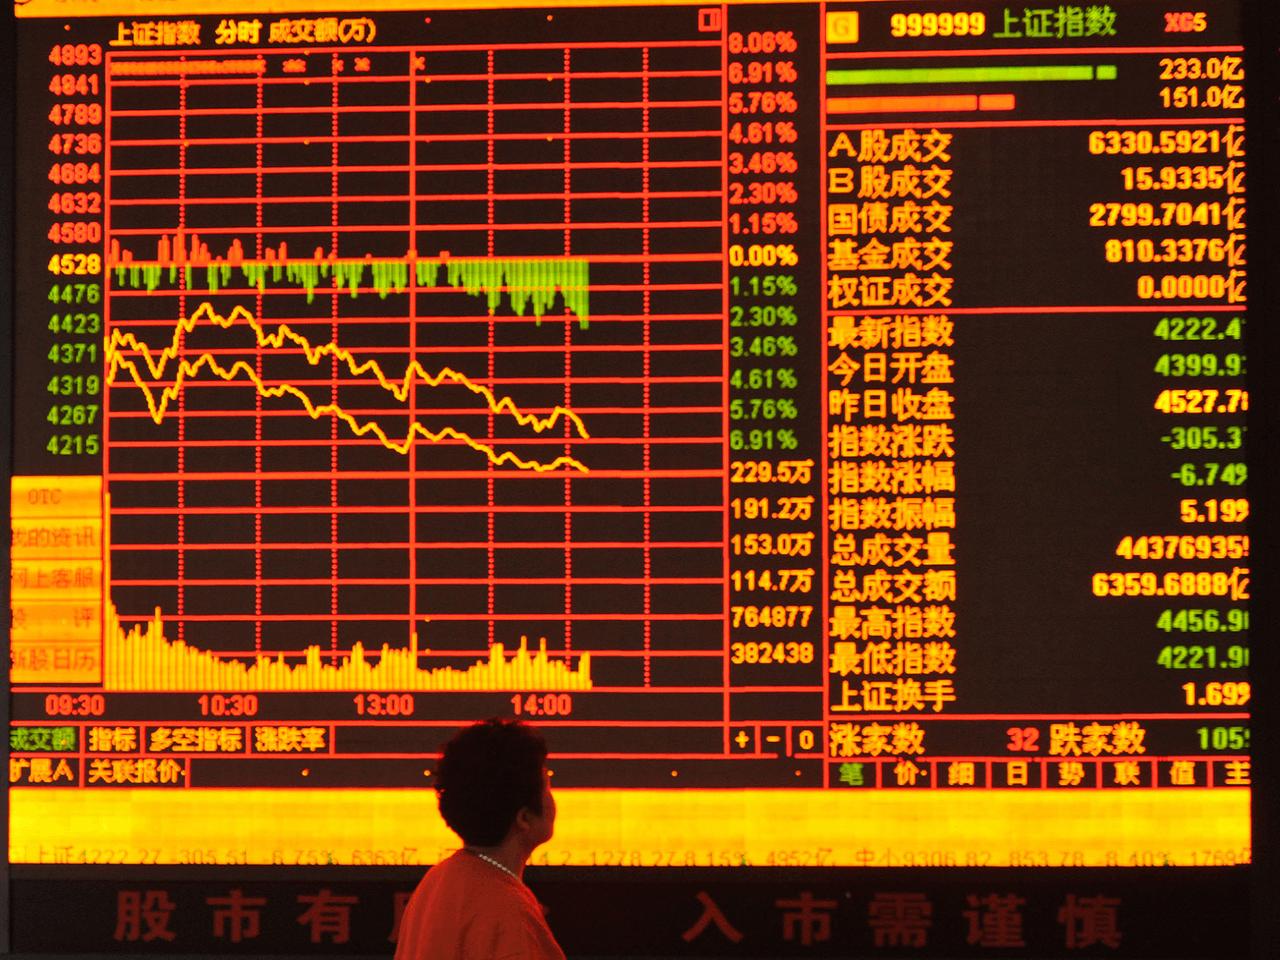 Hindistan Çin'e Damping Soruşturmalarında Piyasa Ekonomisi Statüsü Vermeyecek